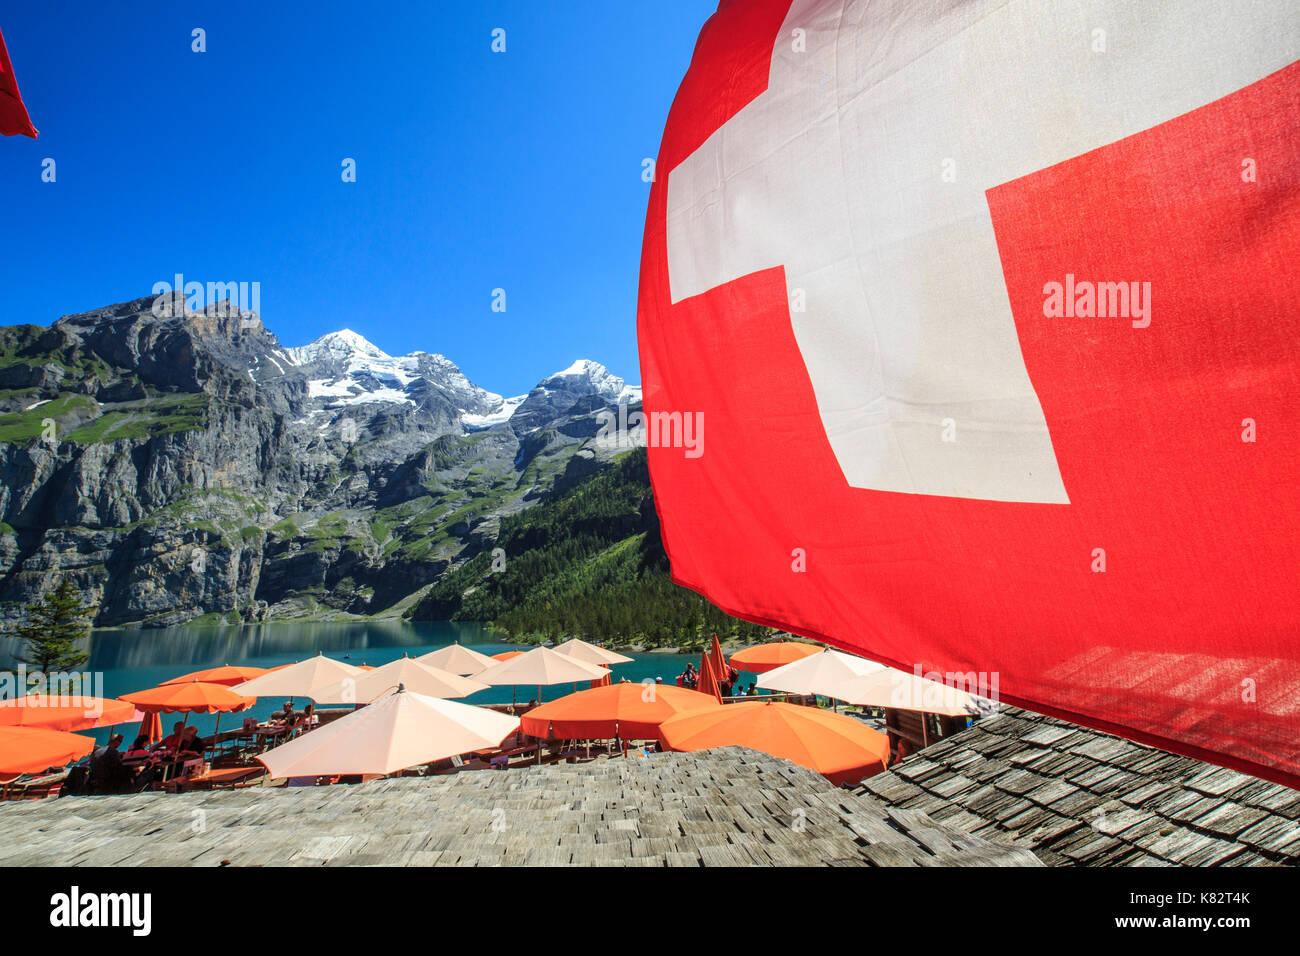 Les touristes se détendre au lac oeschinensee kandersteg, Oberland bernois canton de Berne suisse europe Photo Stock